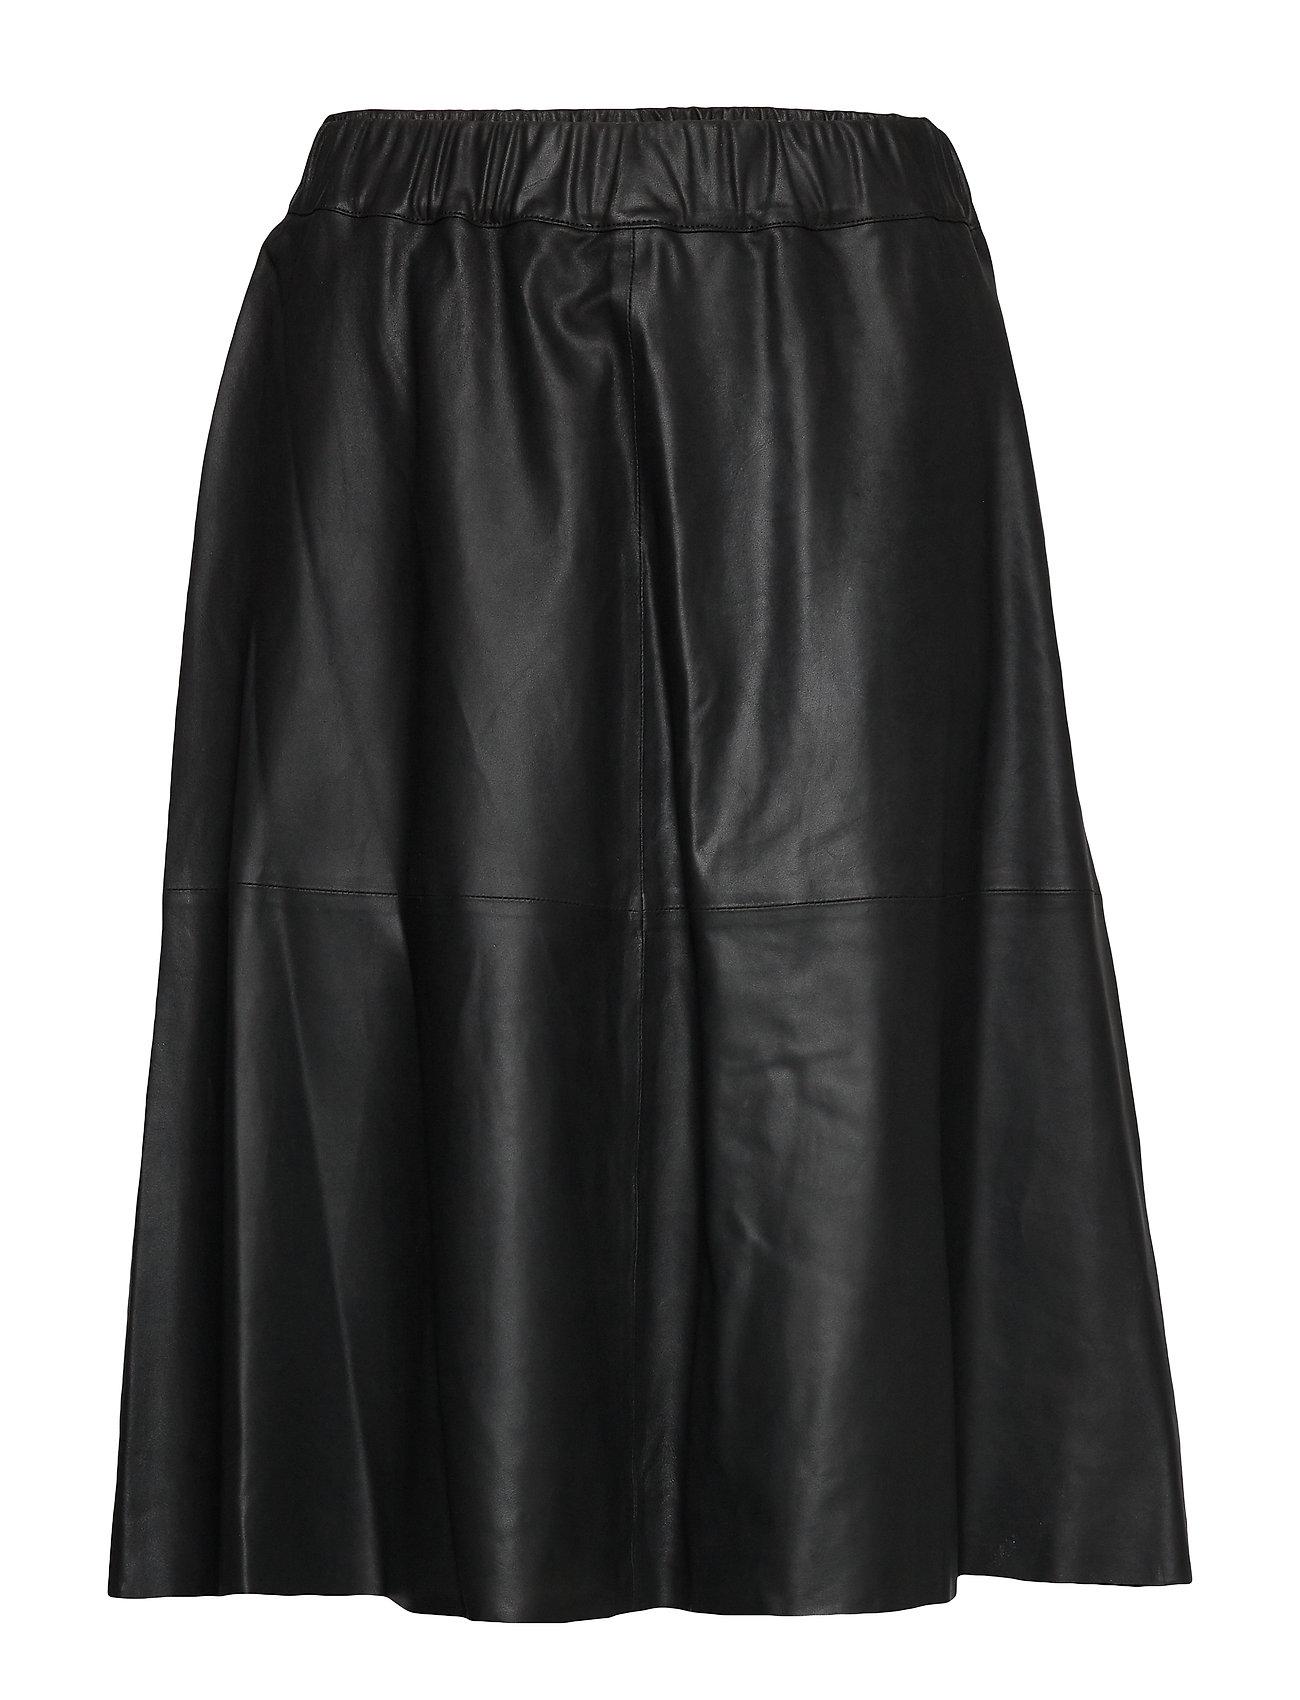 DEPECHE Skirt - BLACK